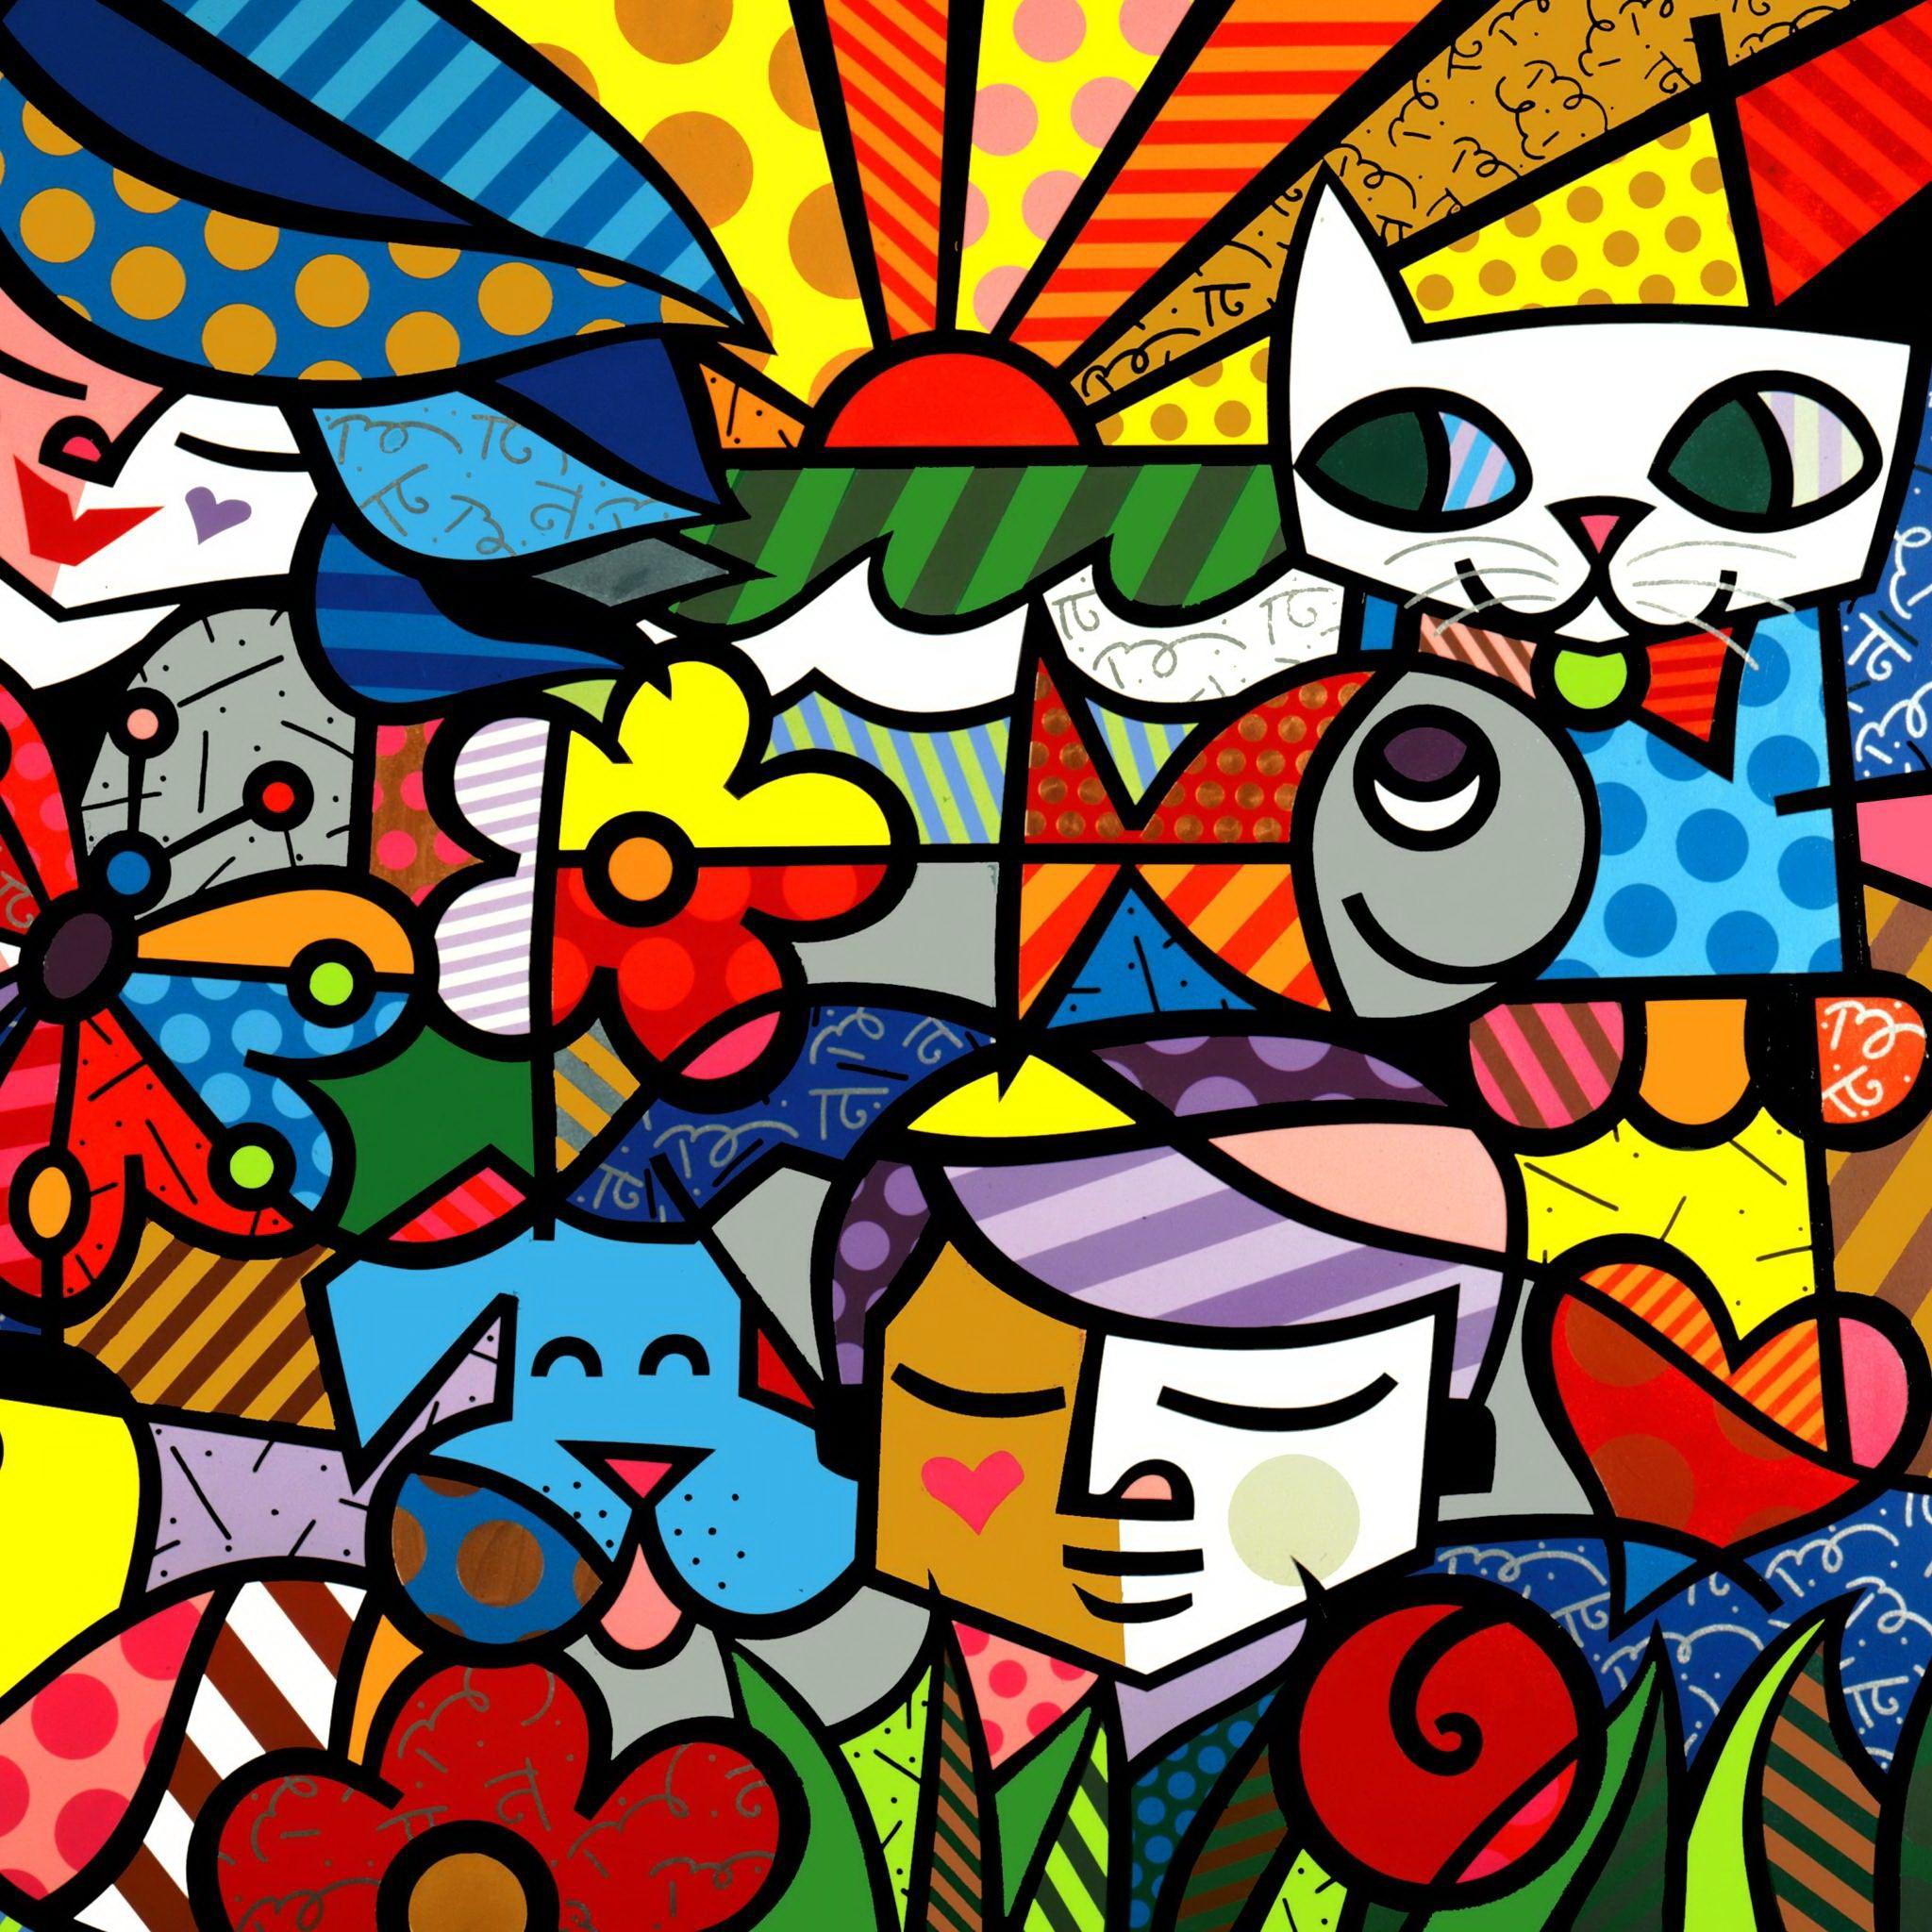 Art. The iPad Retina Wallpaper I just pinned!